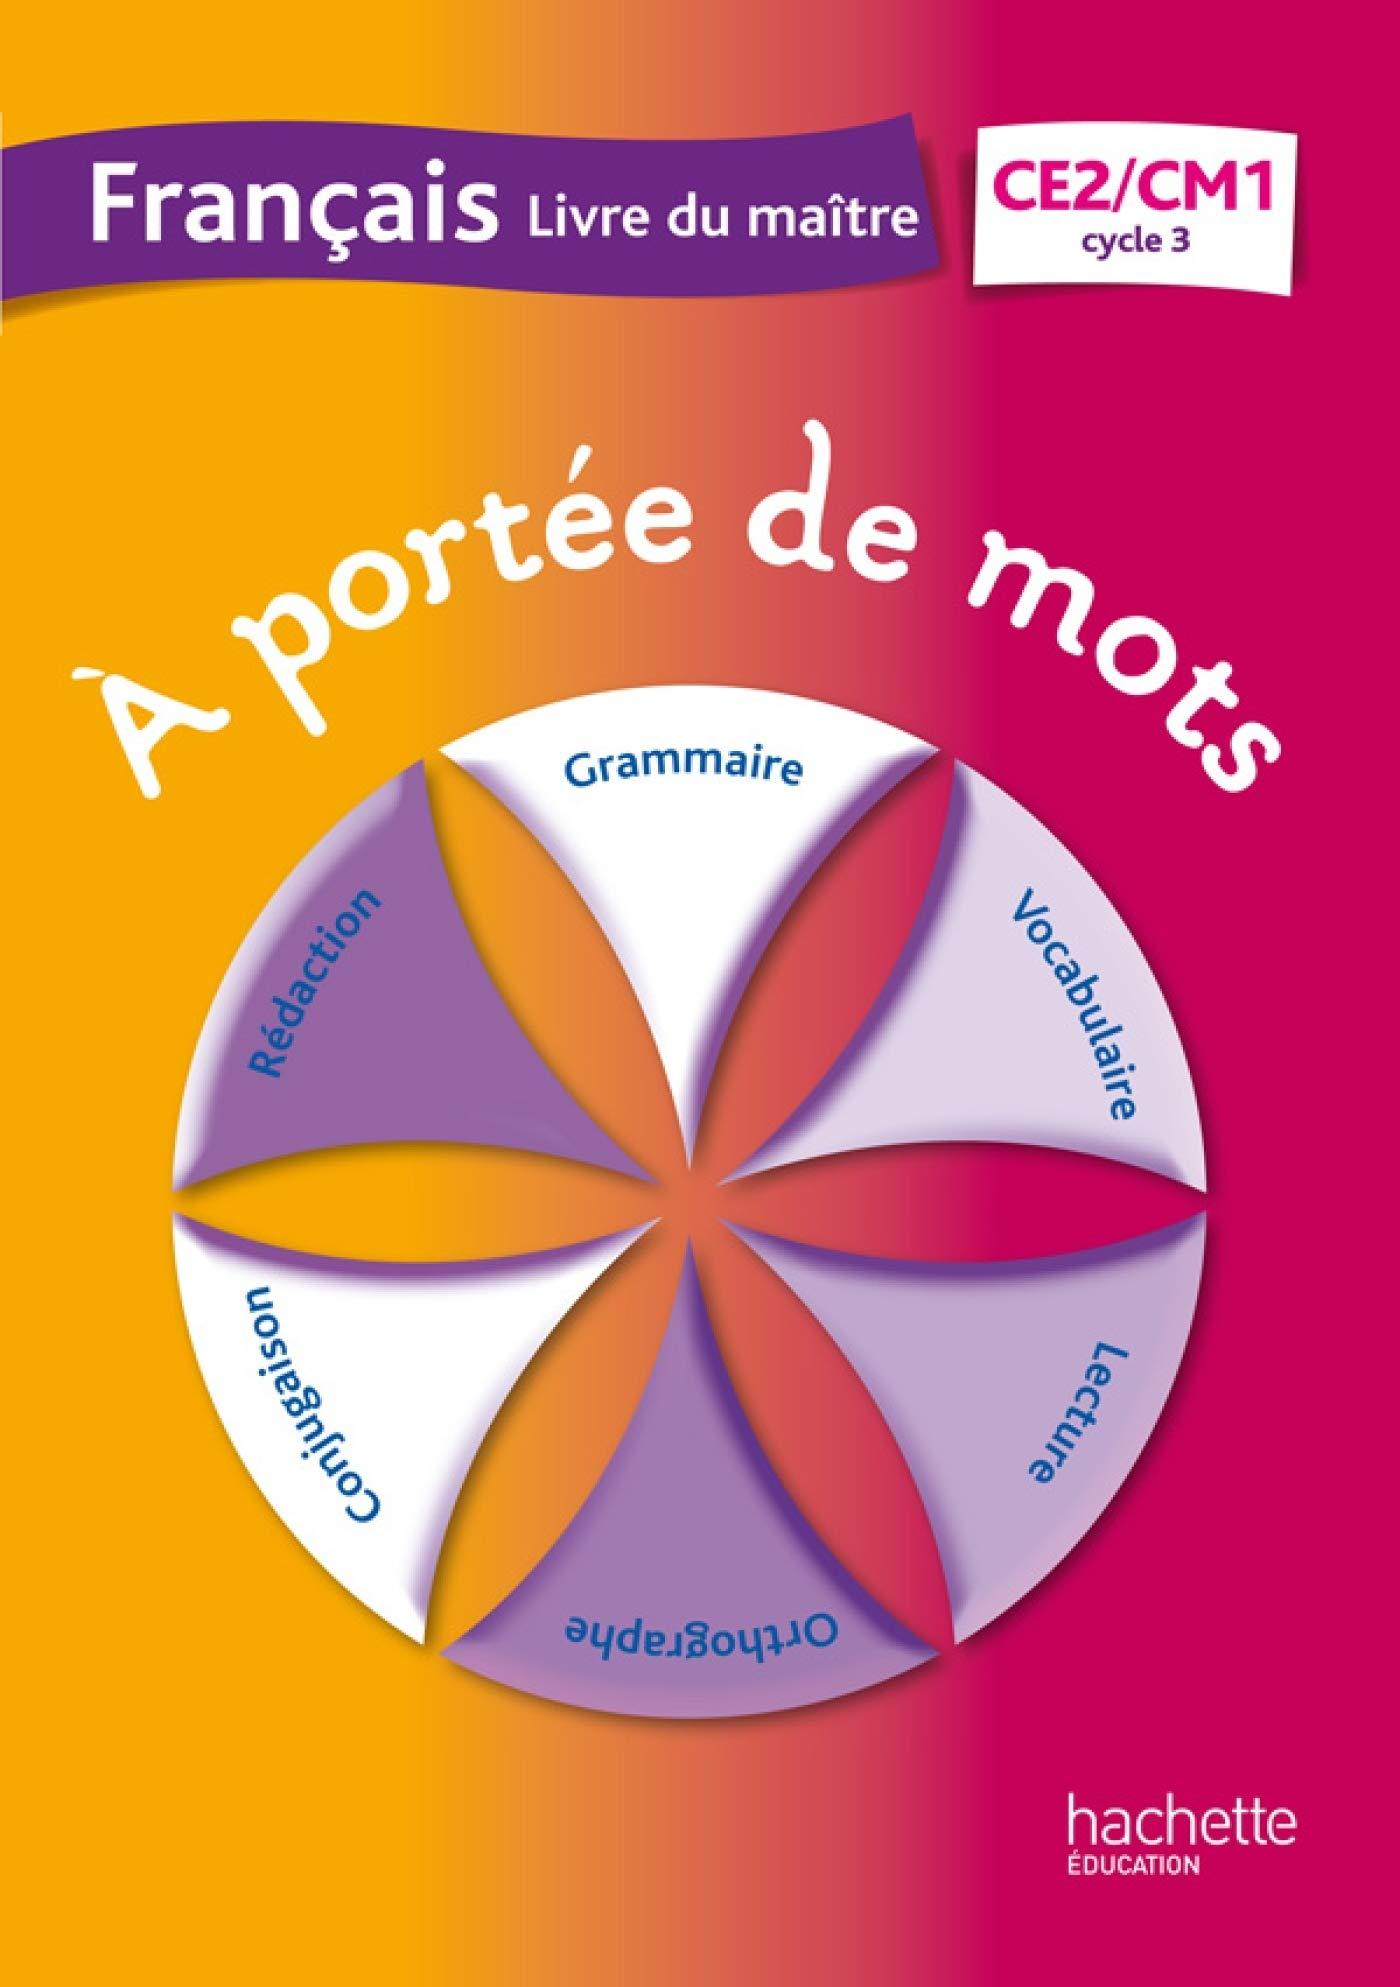 Francais Ce2 Cm1 A Portee De Mots Livre Du Maitre Janine